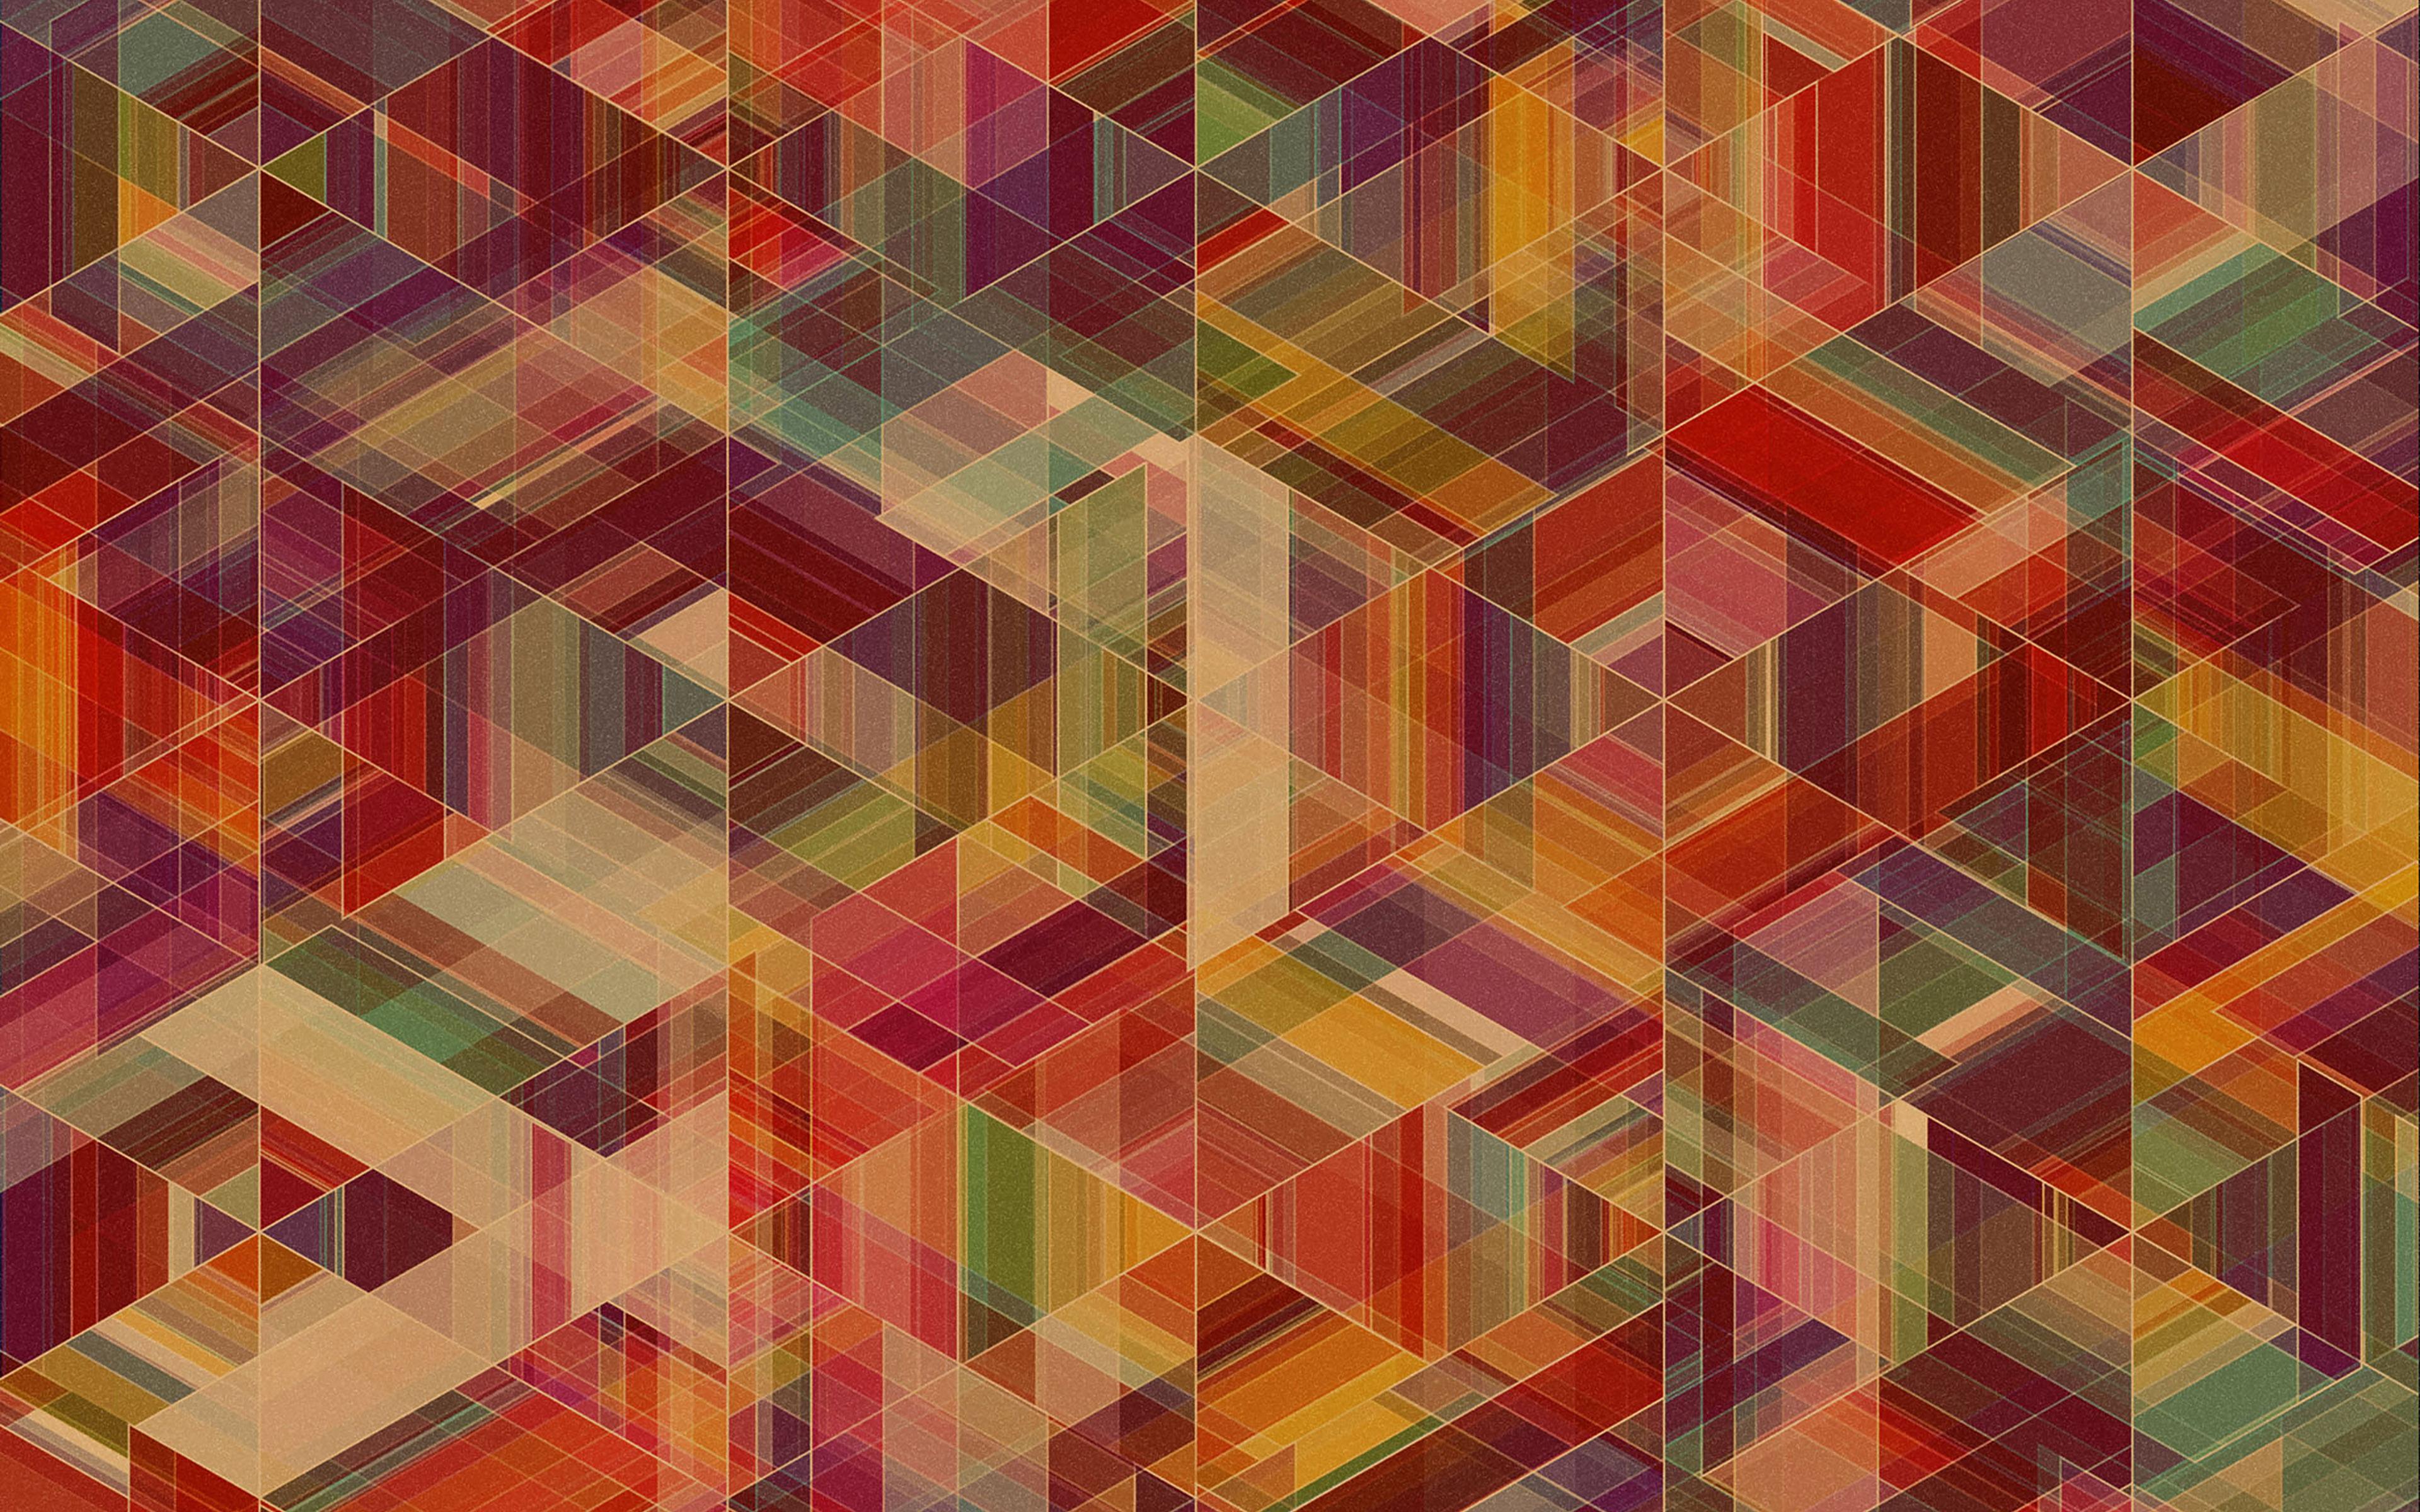 Amazing Wallpaper Macbook Artsy - papers  Gallery_725783.jpg